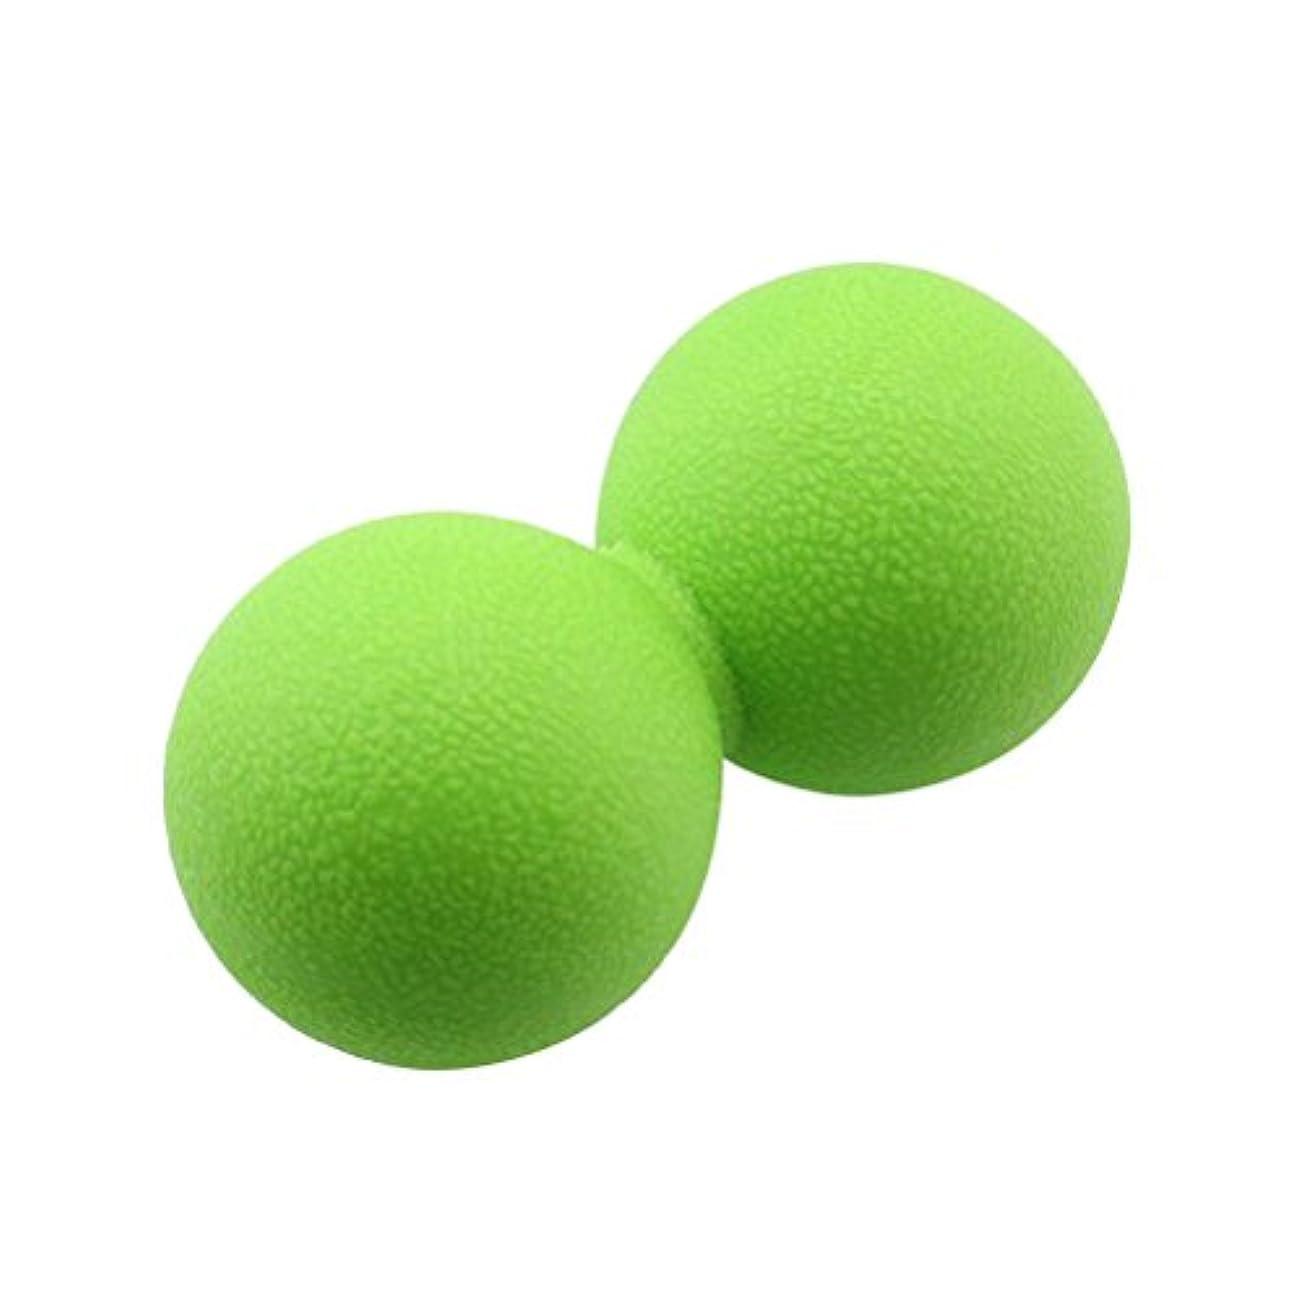 ずるい多様性悲観的VORCOOL マッサージボール ストレッチボール ハードタイプ トリガーポイント トレーニング 背中 肩こり 腰 ふくらはぎ 足裏 ツボ押しグッズ スーパーハードタイプ 筋肉痛を改善 運動前後(緑)